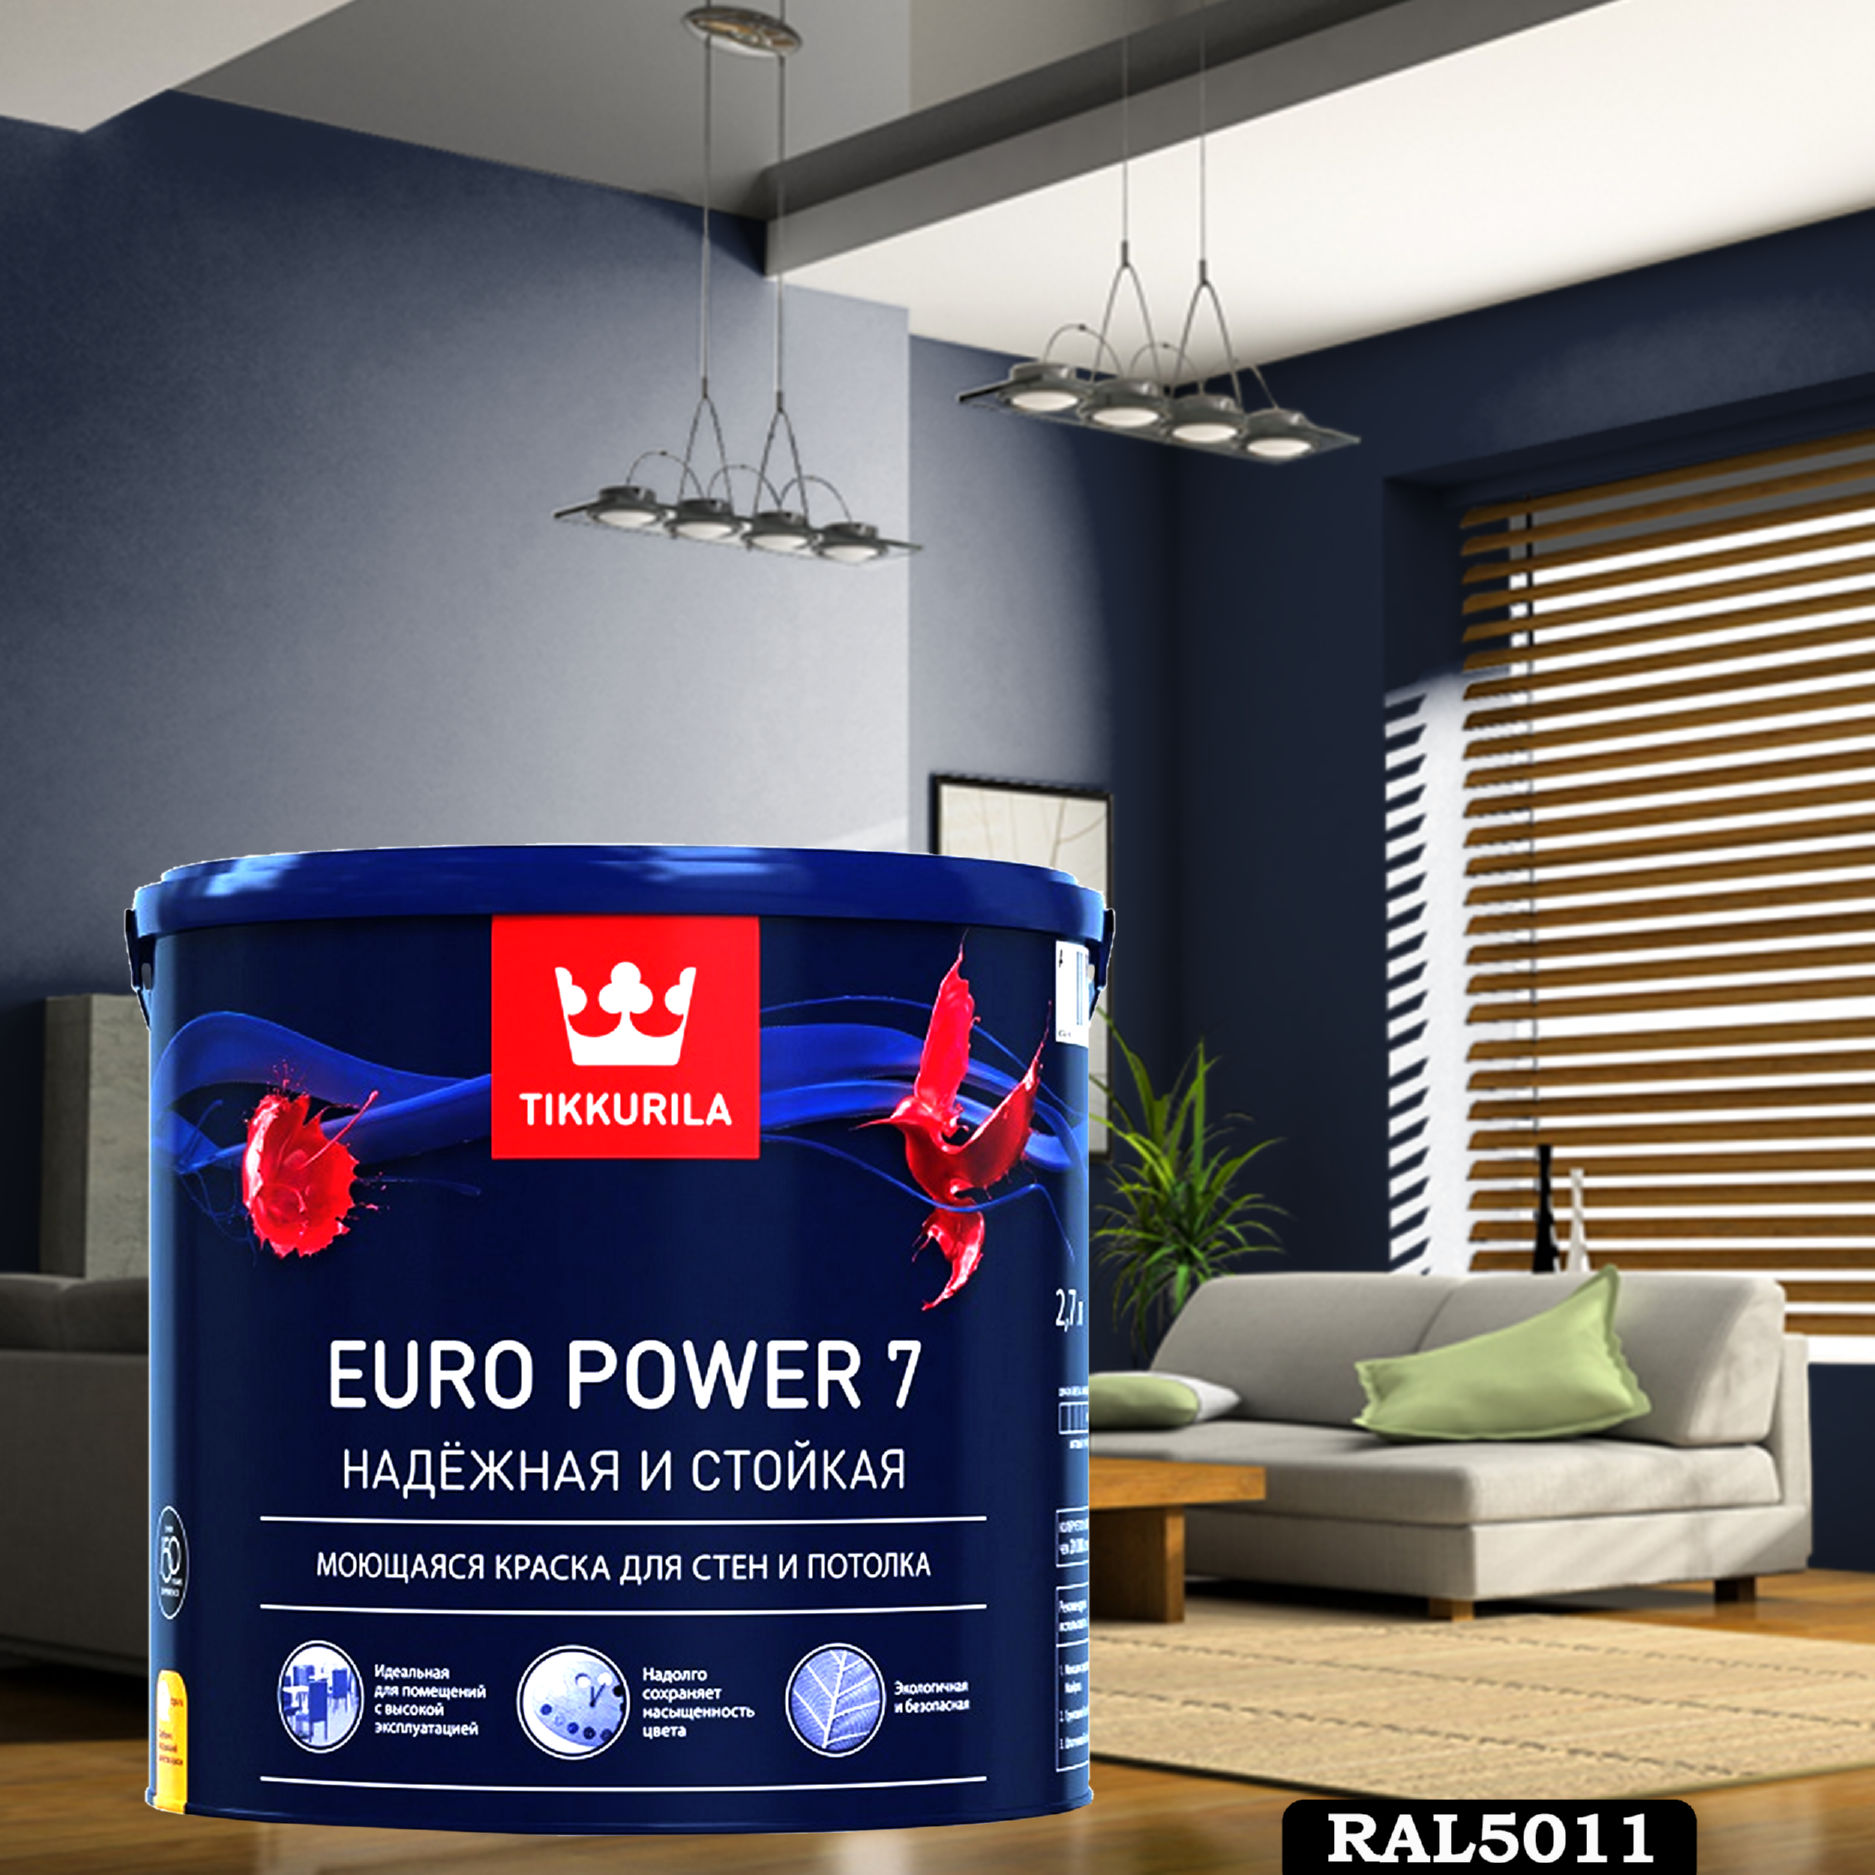 Фото 11 - Краска TIKKURILA Euro Power 7,  RAL 5011 Синяя-сталь, латексная моющаяся матовая интерьерная, 9 л.